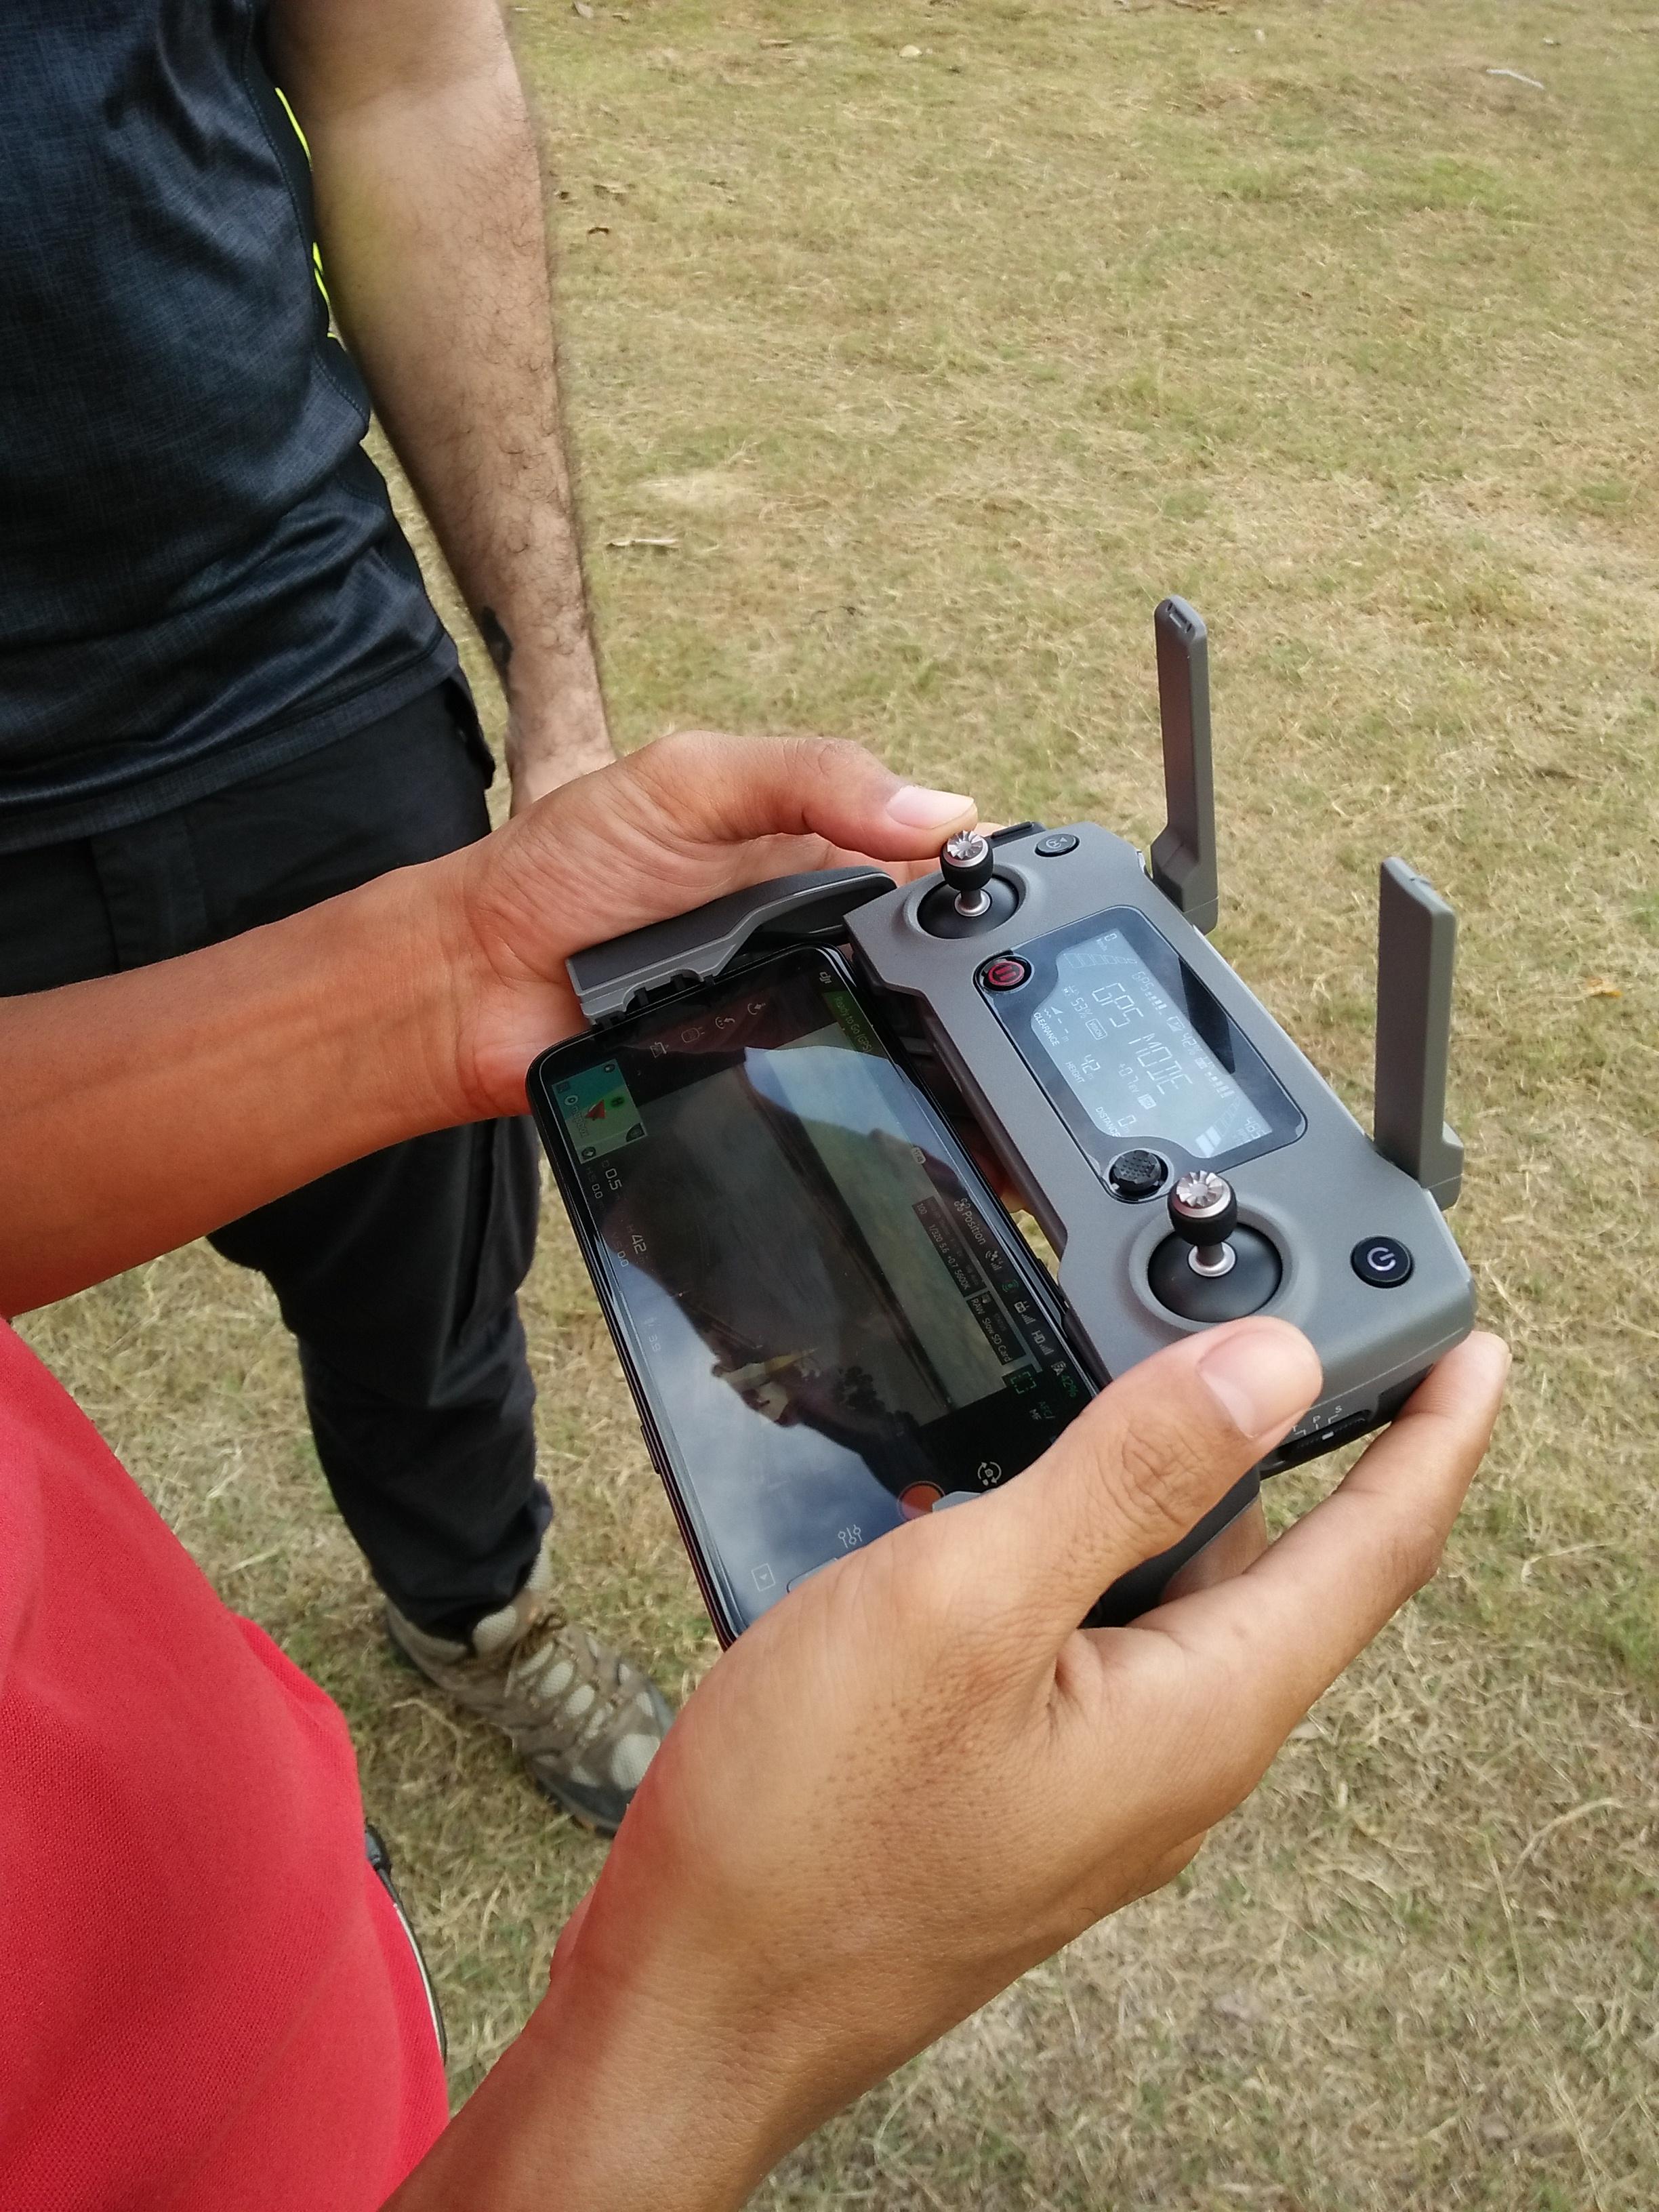 Our survey equipment